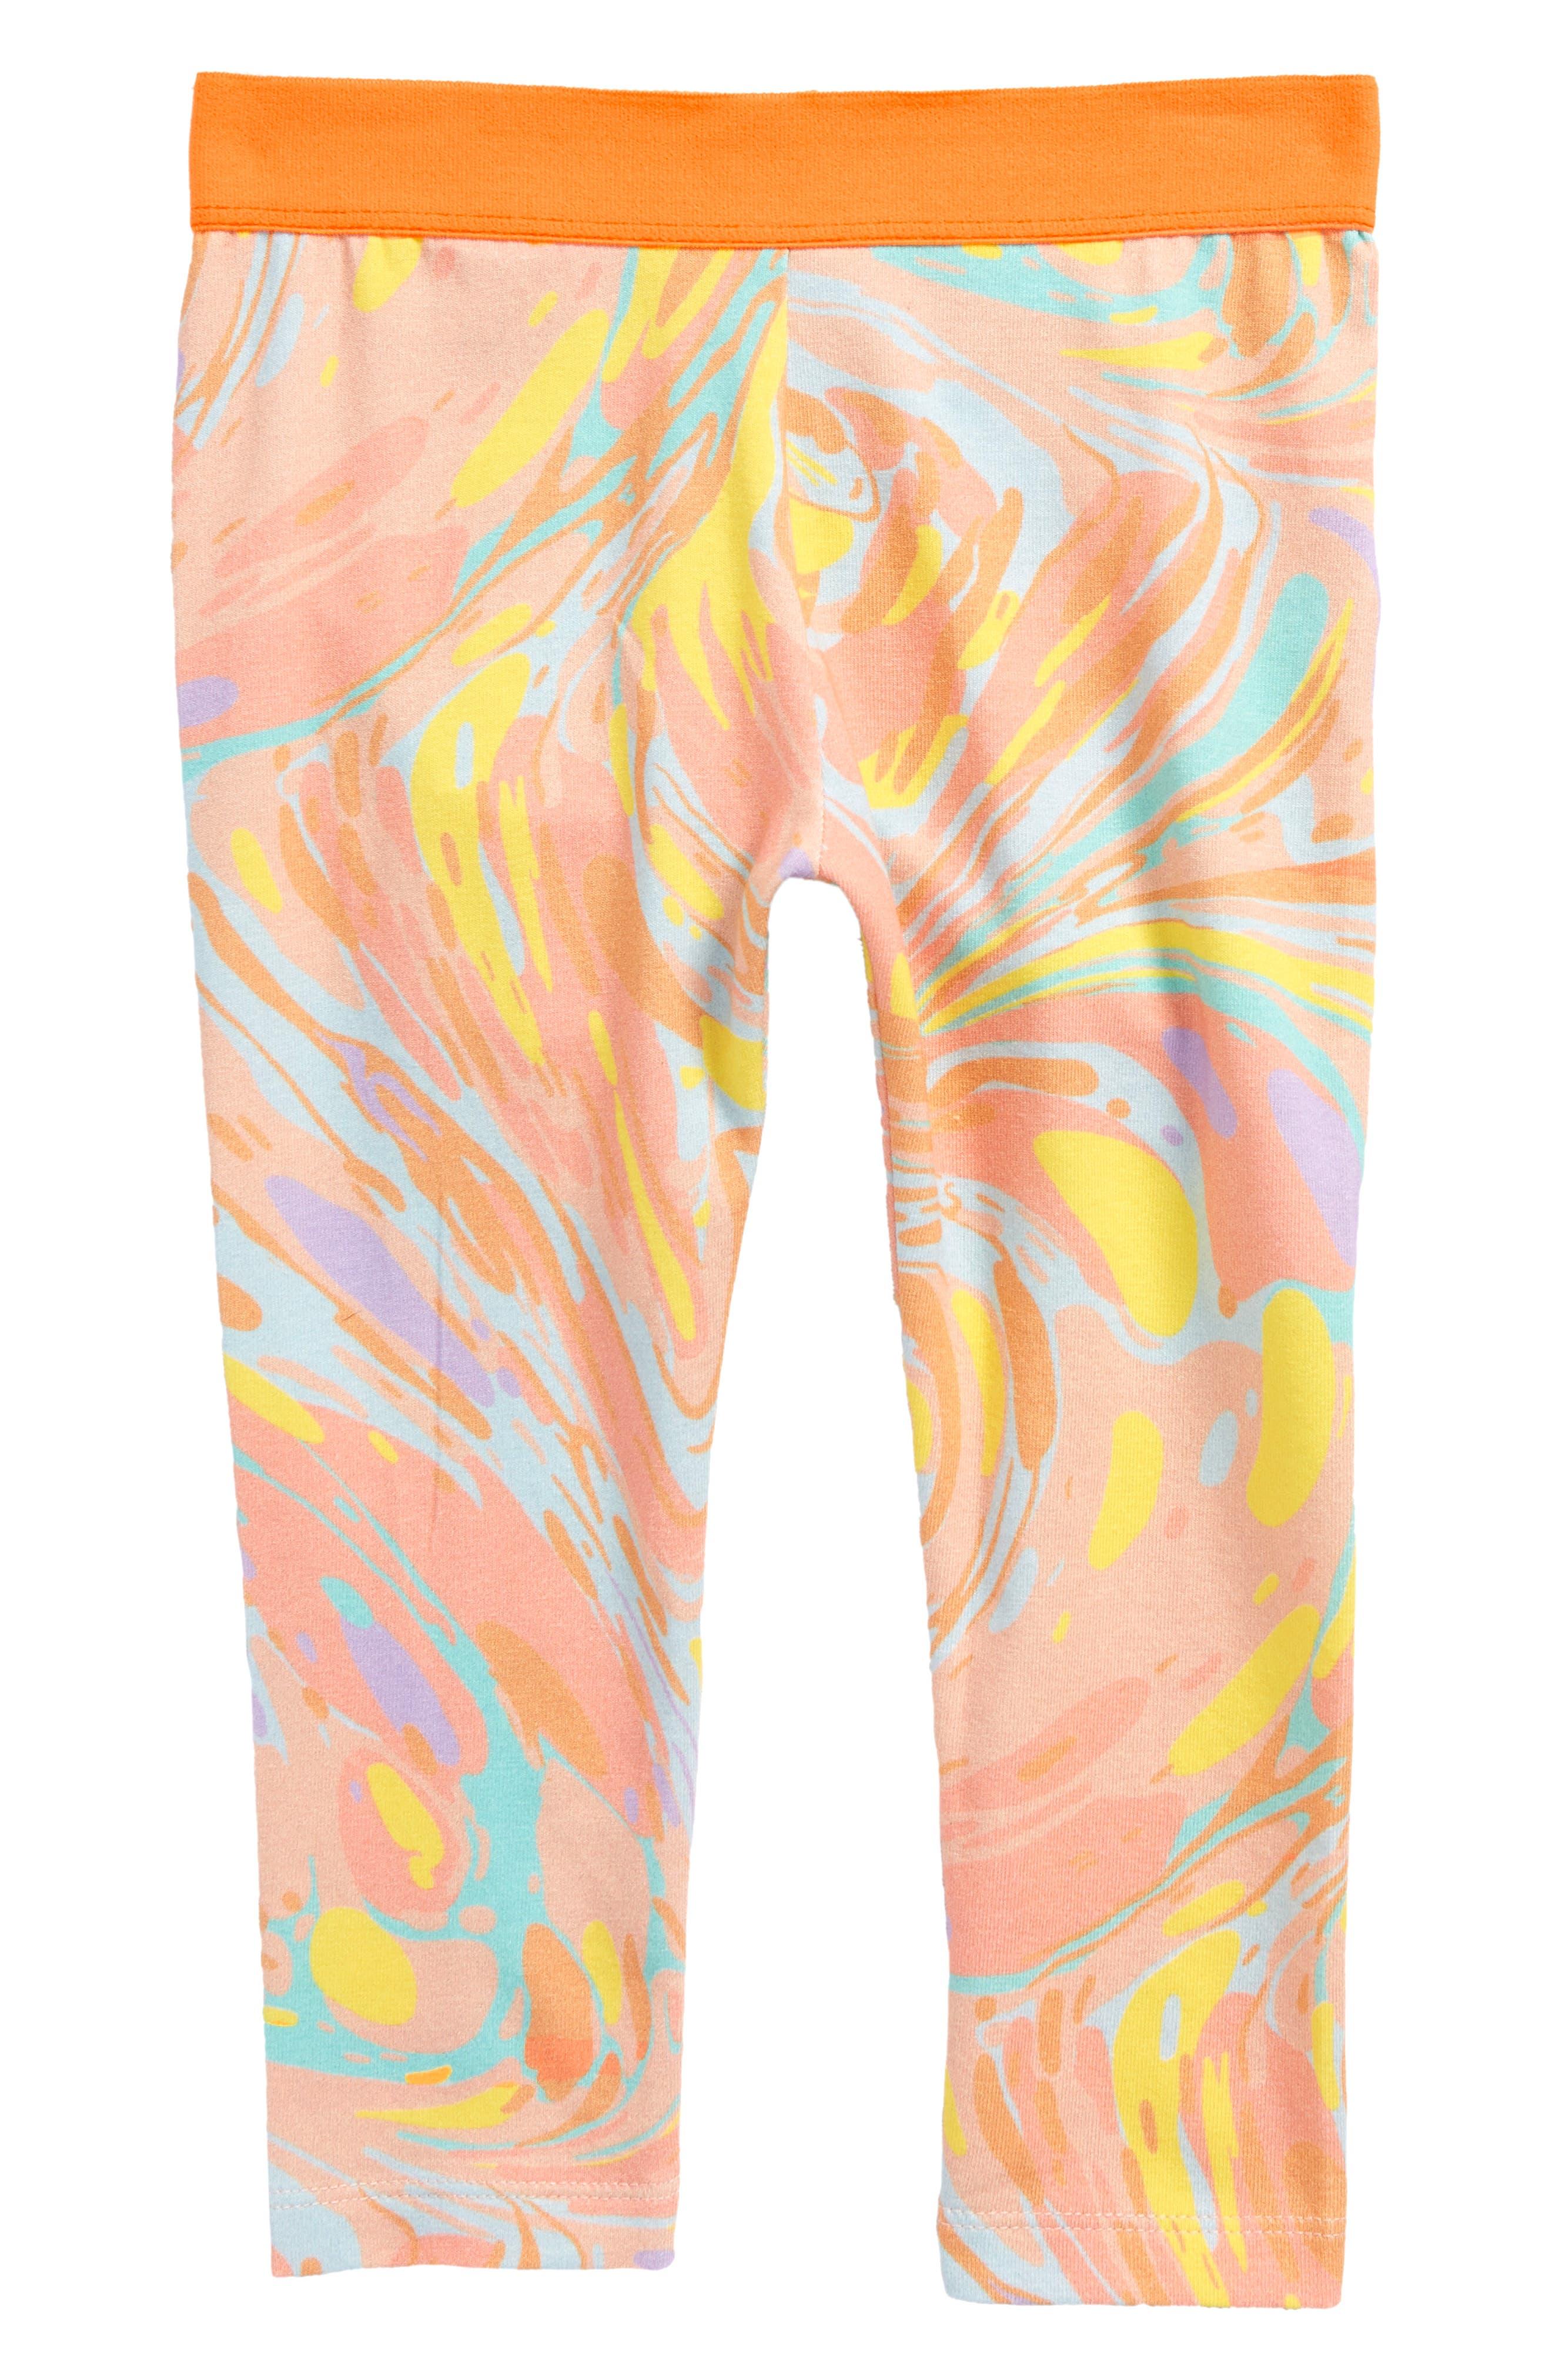 Tula Marble Print Leggings,                         Main,                         color, Splatter Print